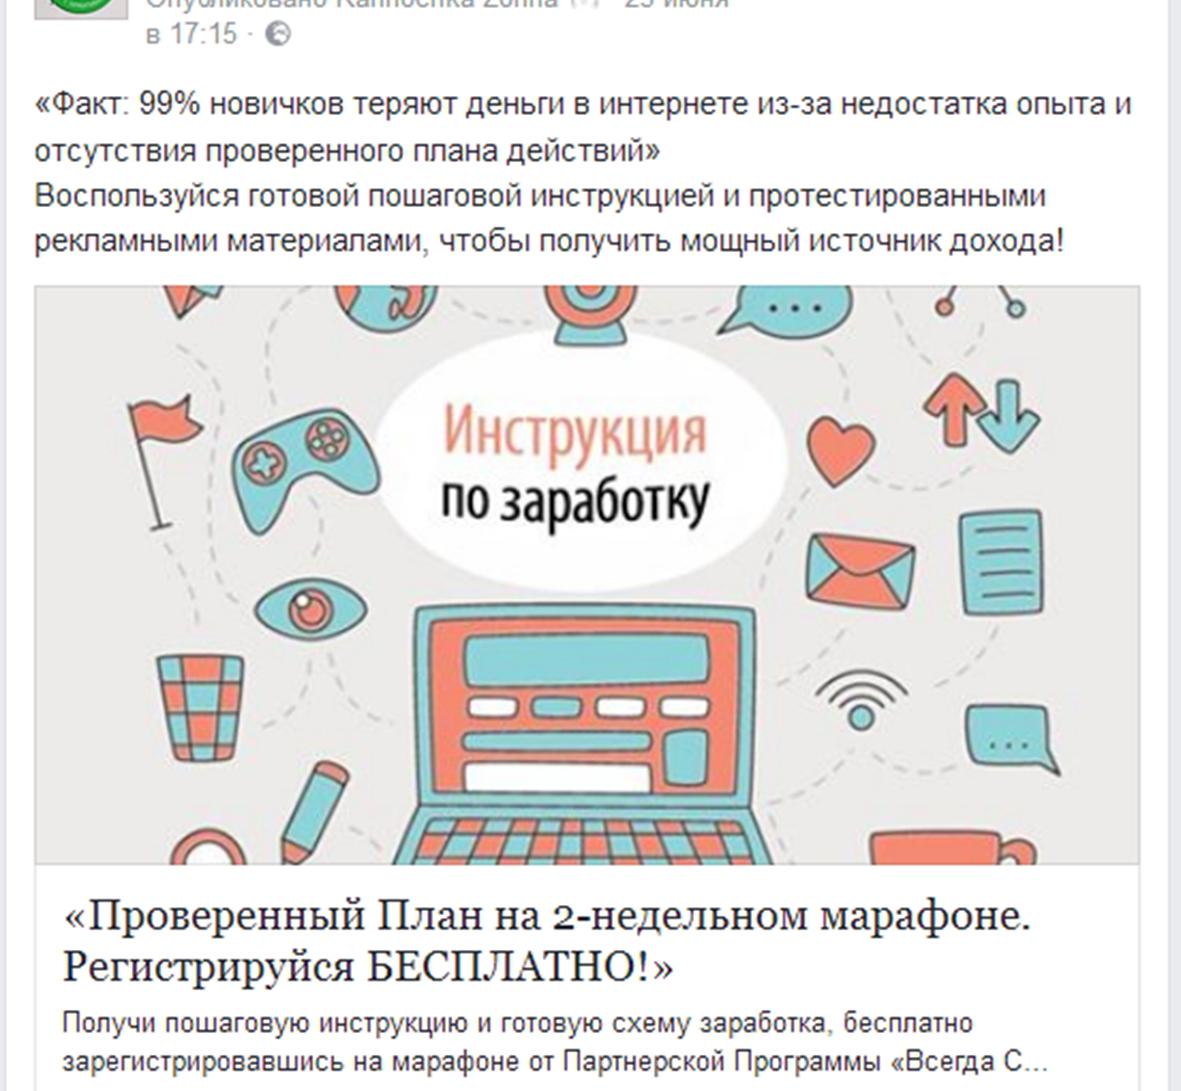 Следующий визуальный пример объявления, созданного в рамках услуги по настройке рекламной кампании в Инстаграм и Фейсбук.